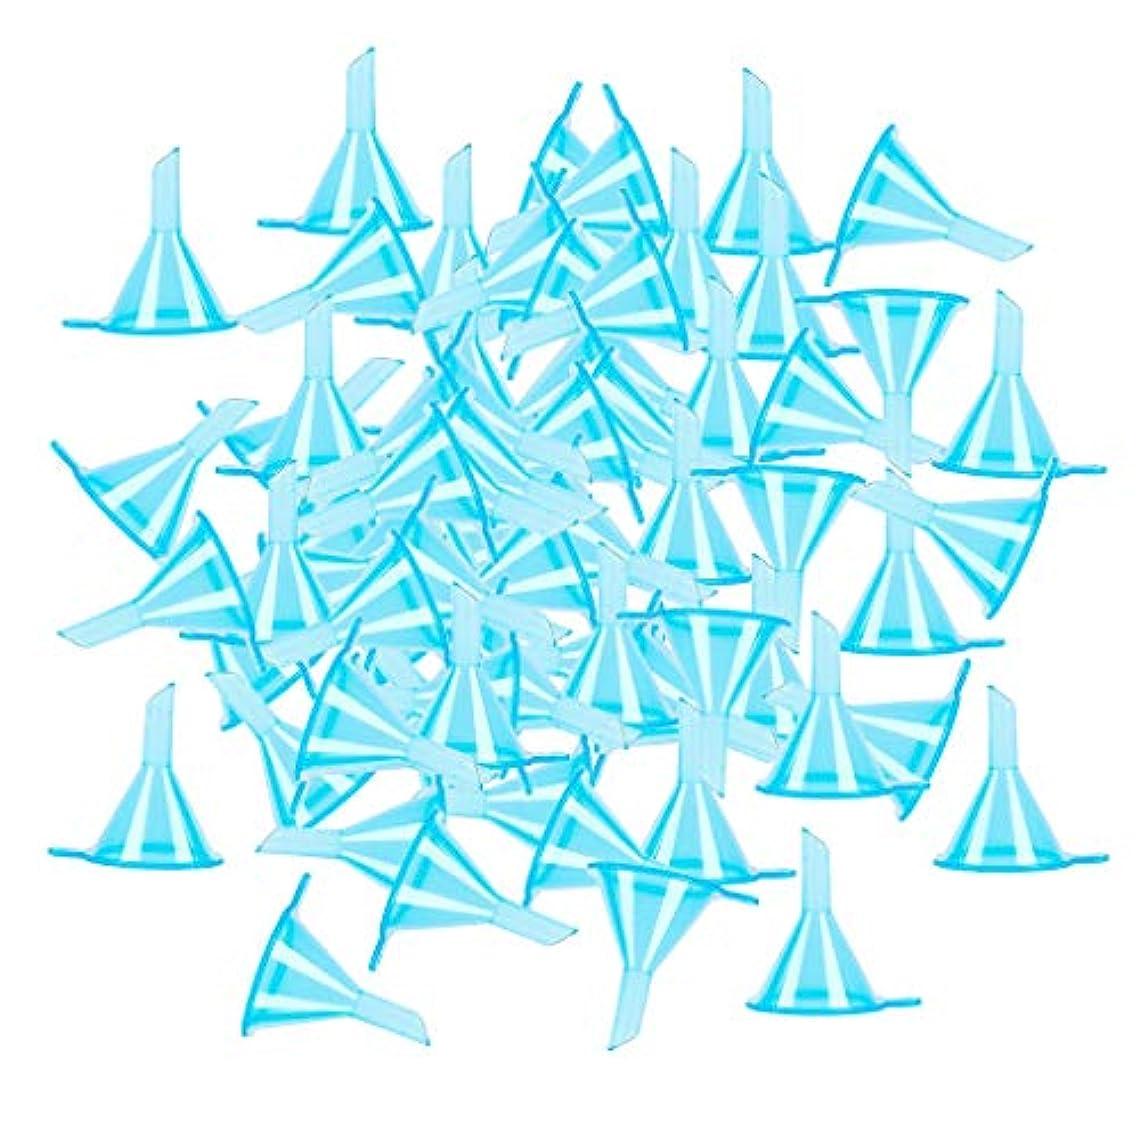 すすり泣き悪意のある超越する100個セット 液体 香水用 小分けツール ミニ ファンネル エッセンシャルオイル 全3色 - ブルー